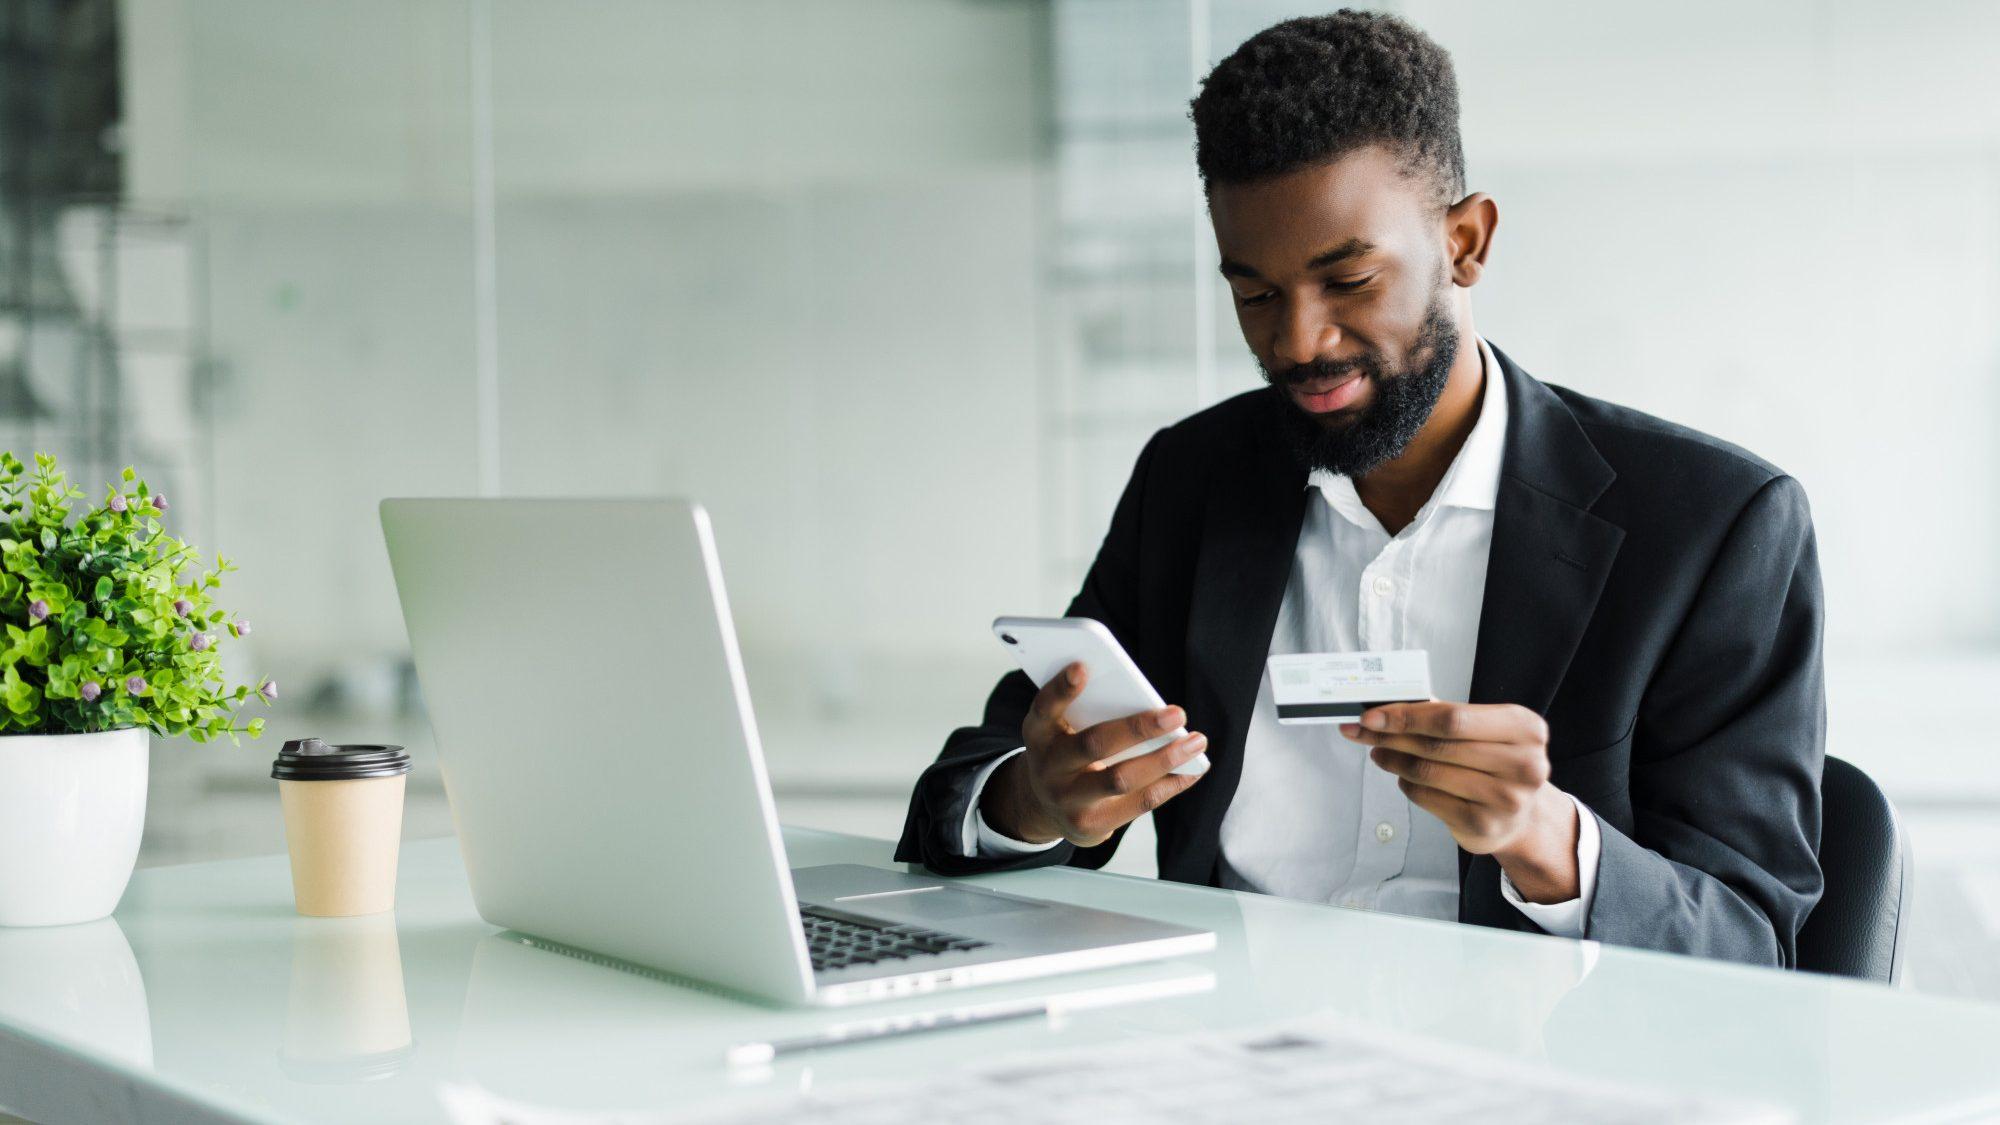 banque privée - homme utilise plateforme numérique